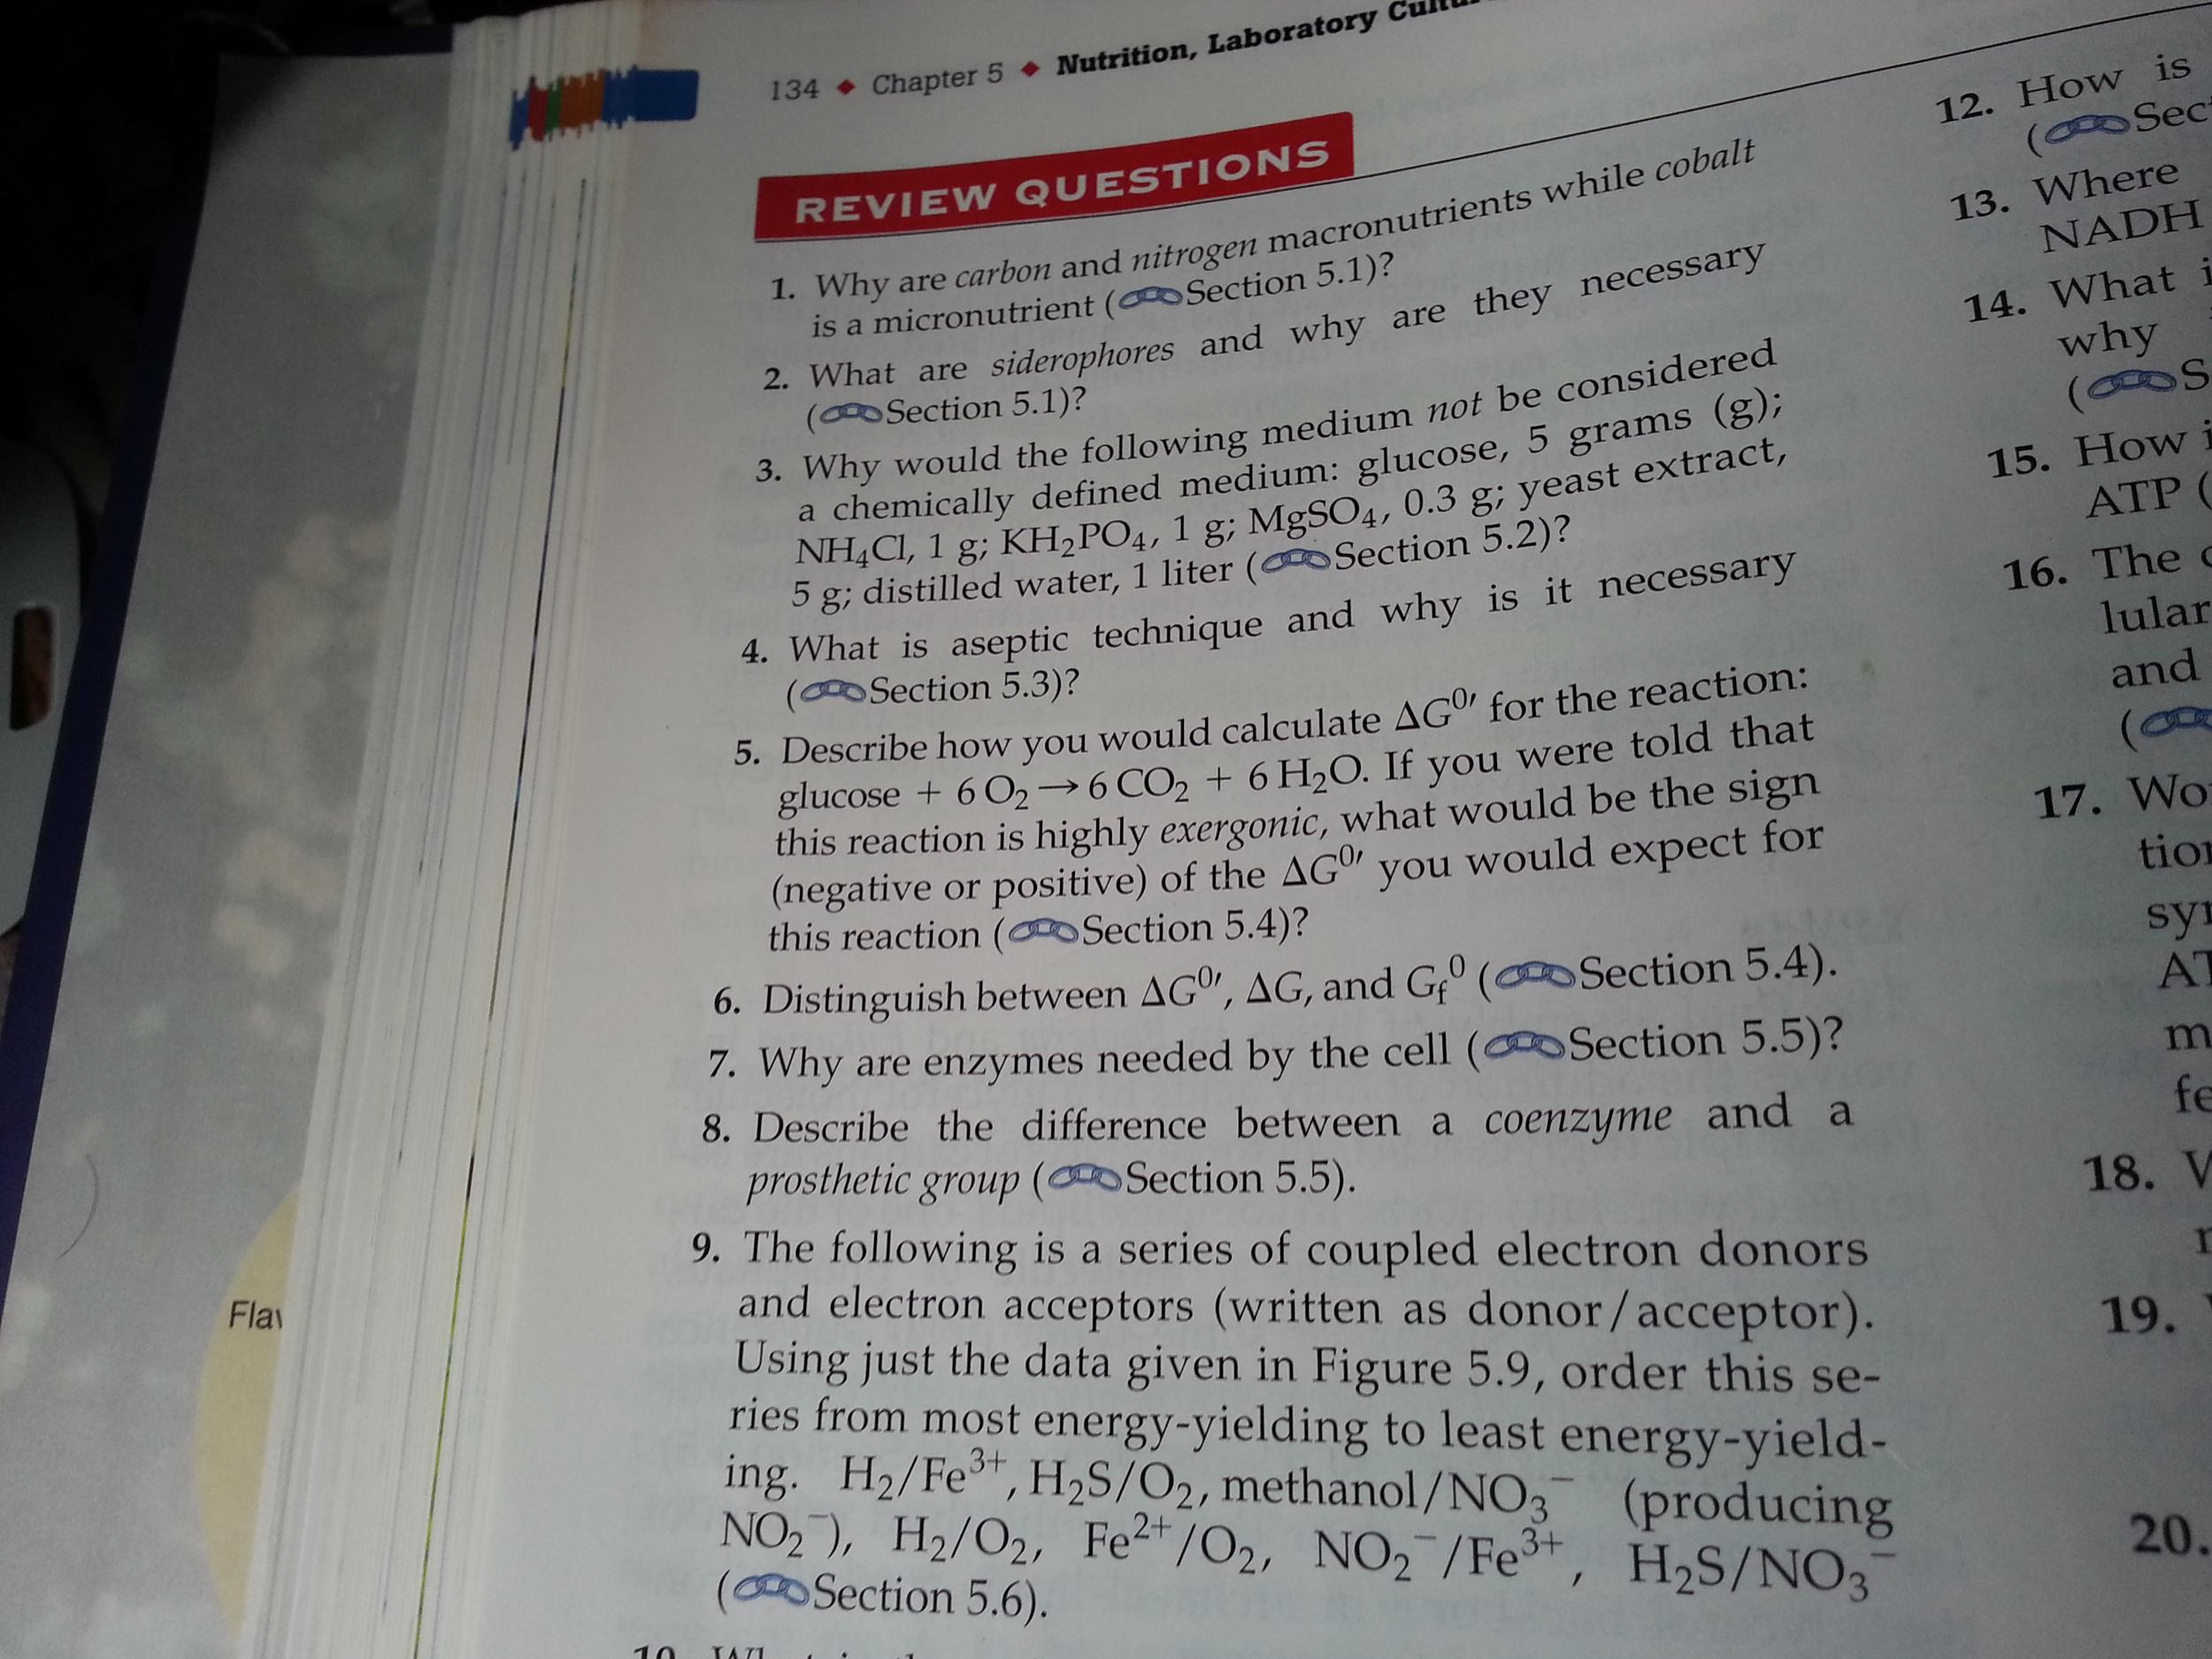 Pathogen essay??????plz help?